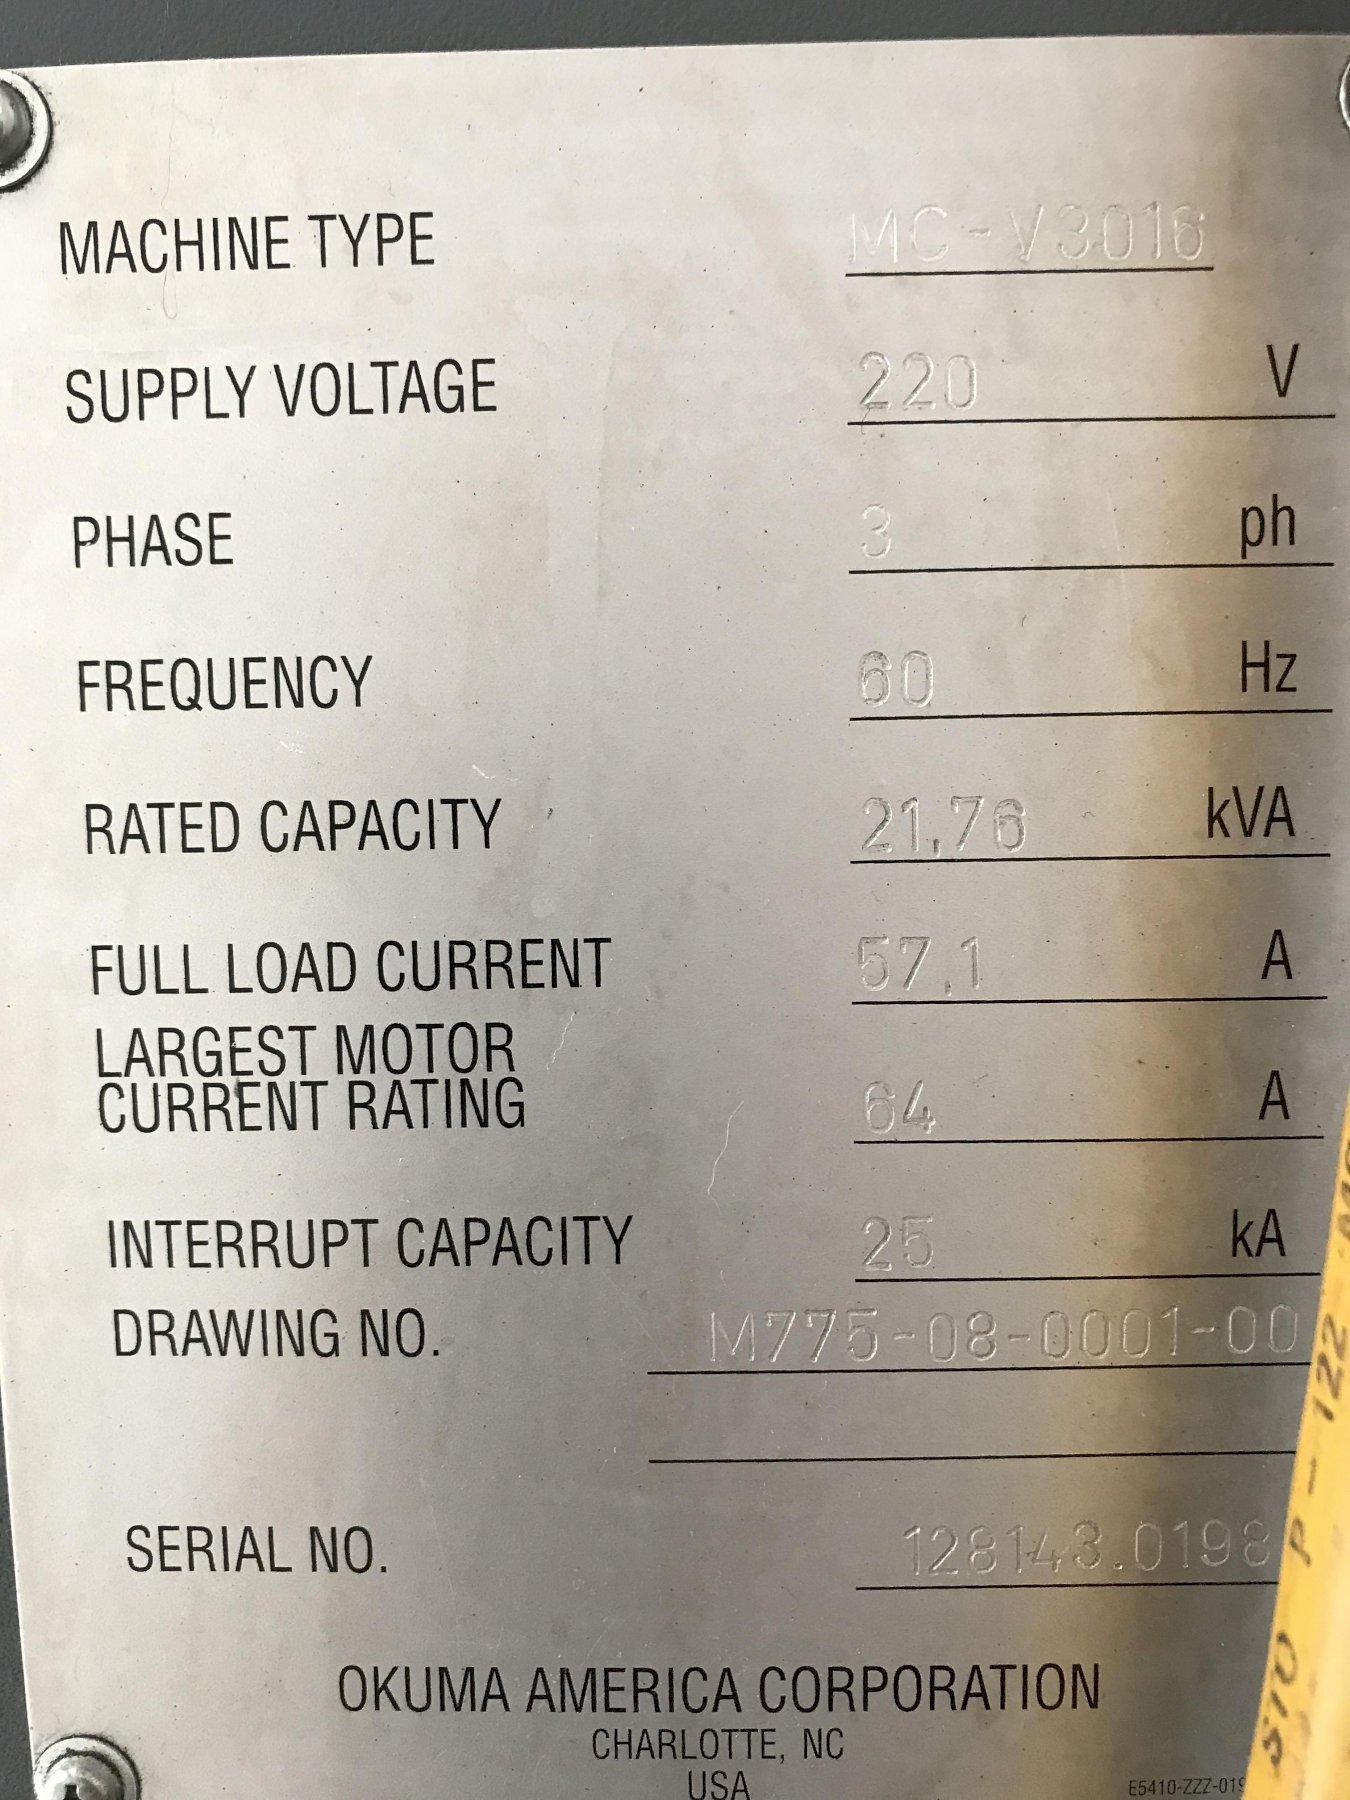 """Okuma MC-V3016 VMC 2006, with: Okuma OSP-P200M CNC Control, 30"""" x 16"""" x 17"""" Travels, 8k RPM, 15-HP Spindle, RJH, Chip Conveyor, and Coolant Tank."""